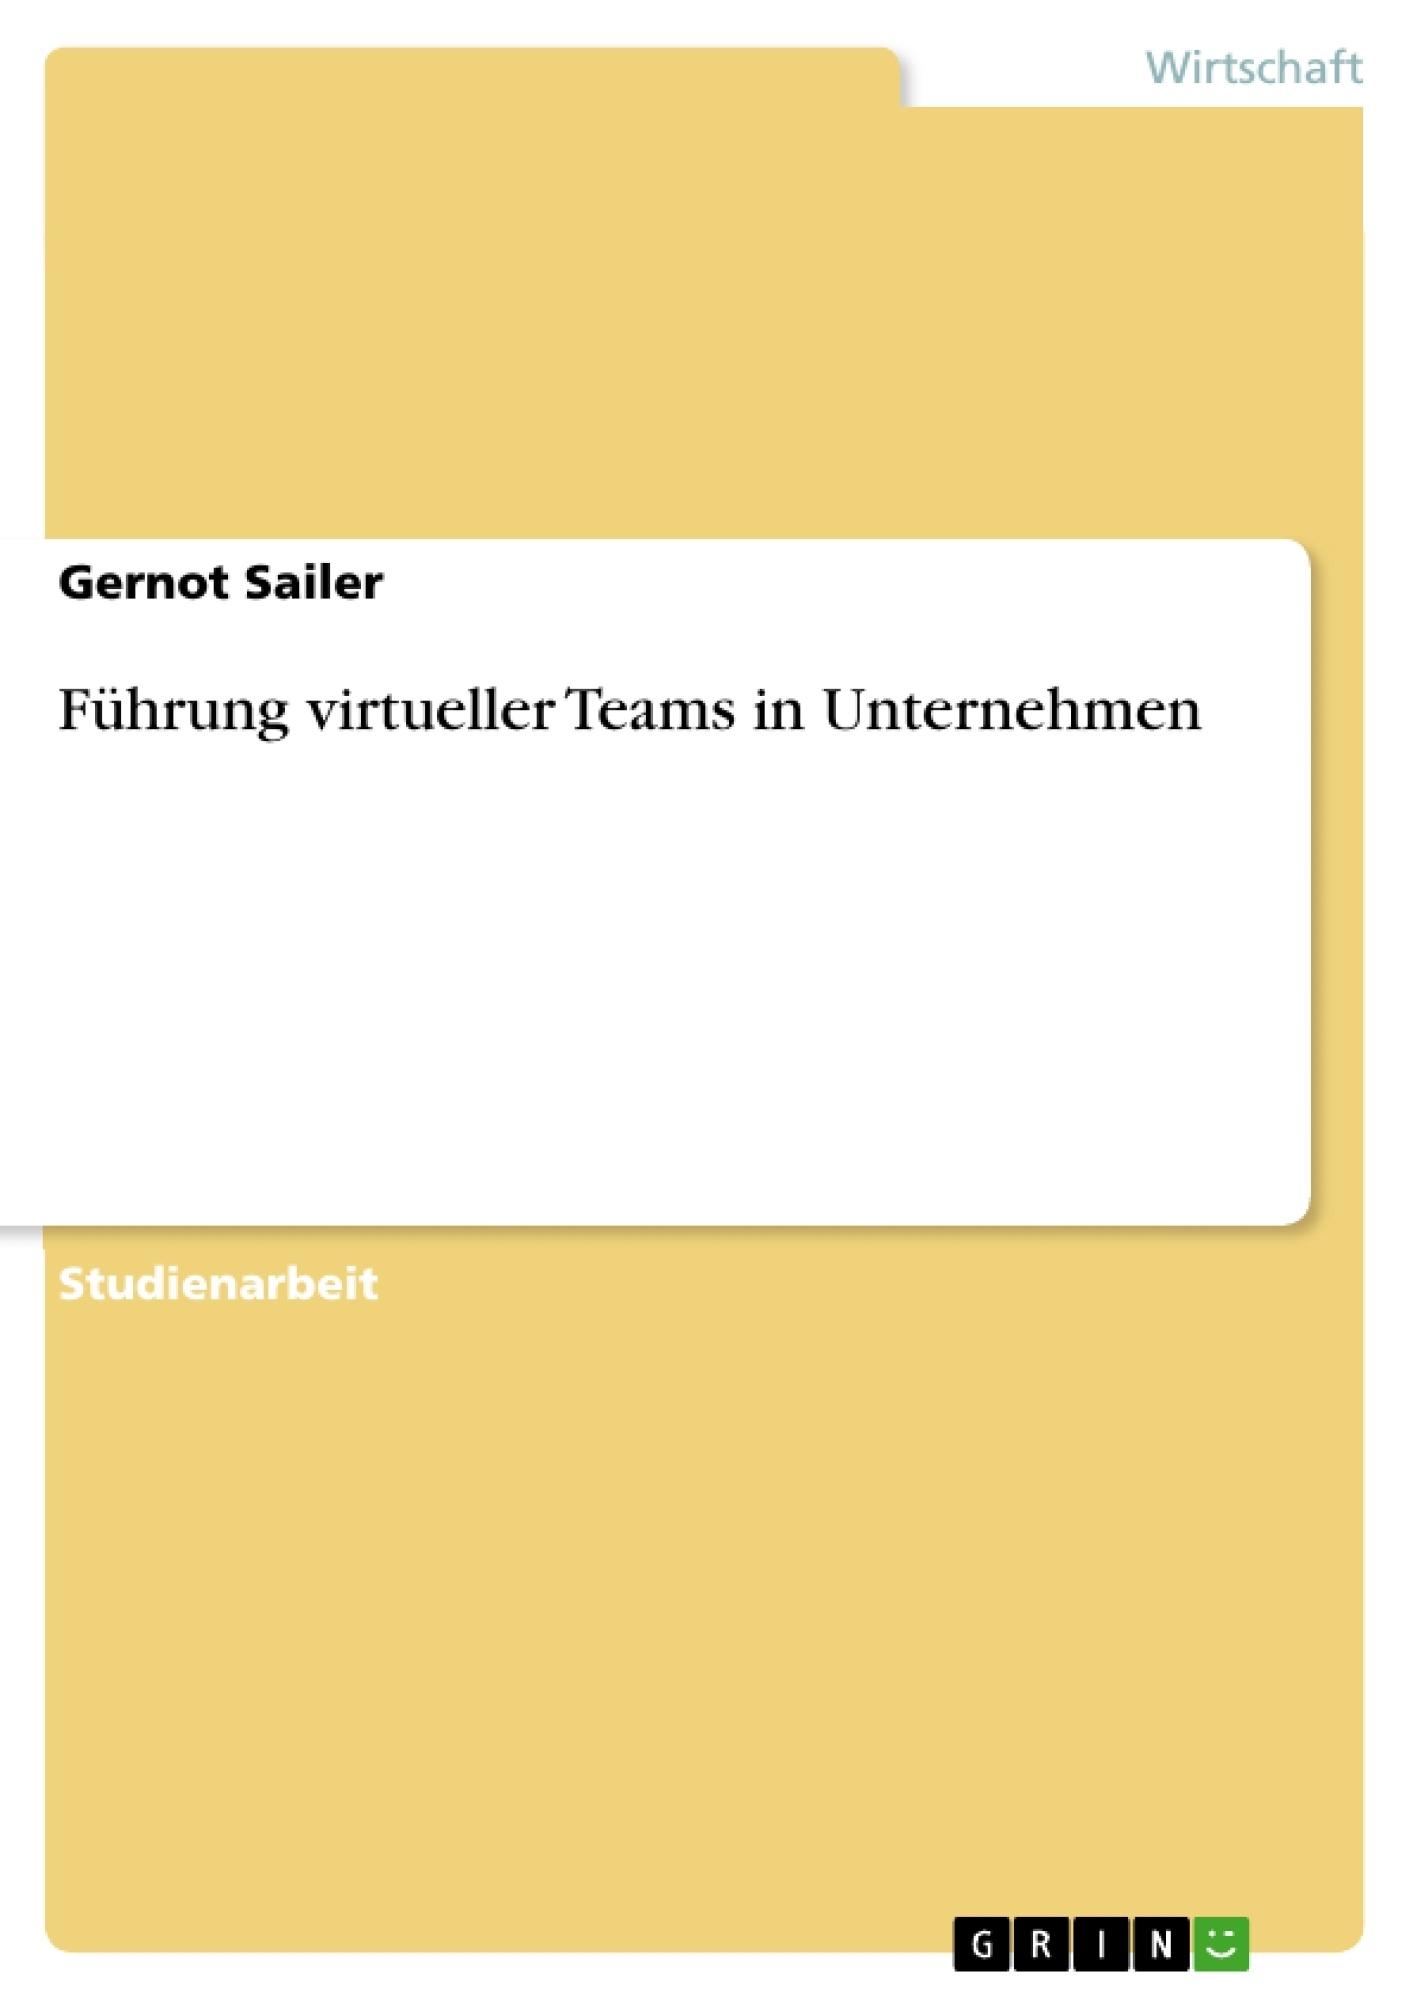 Titel: Führung virtueller Teams in Unternehmen